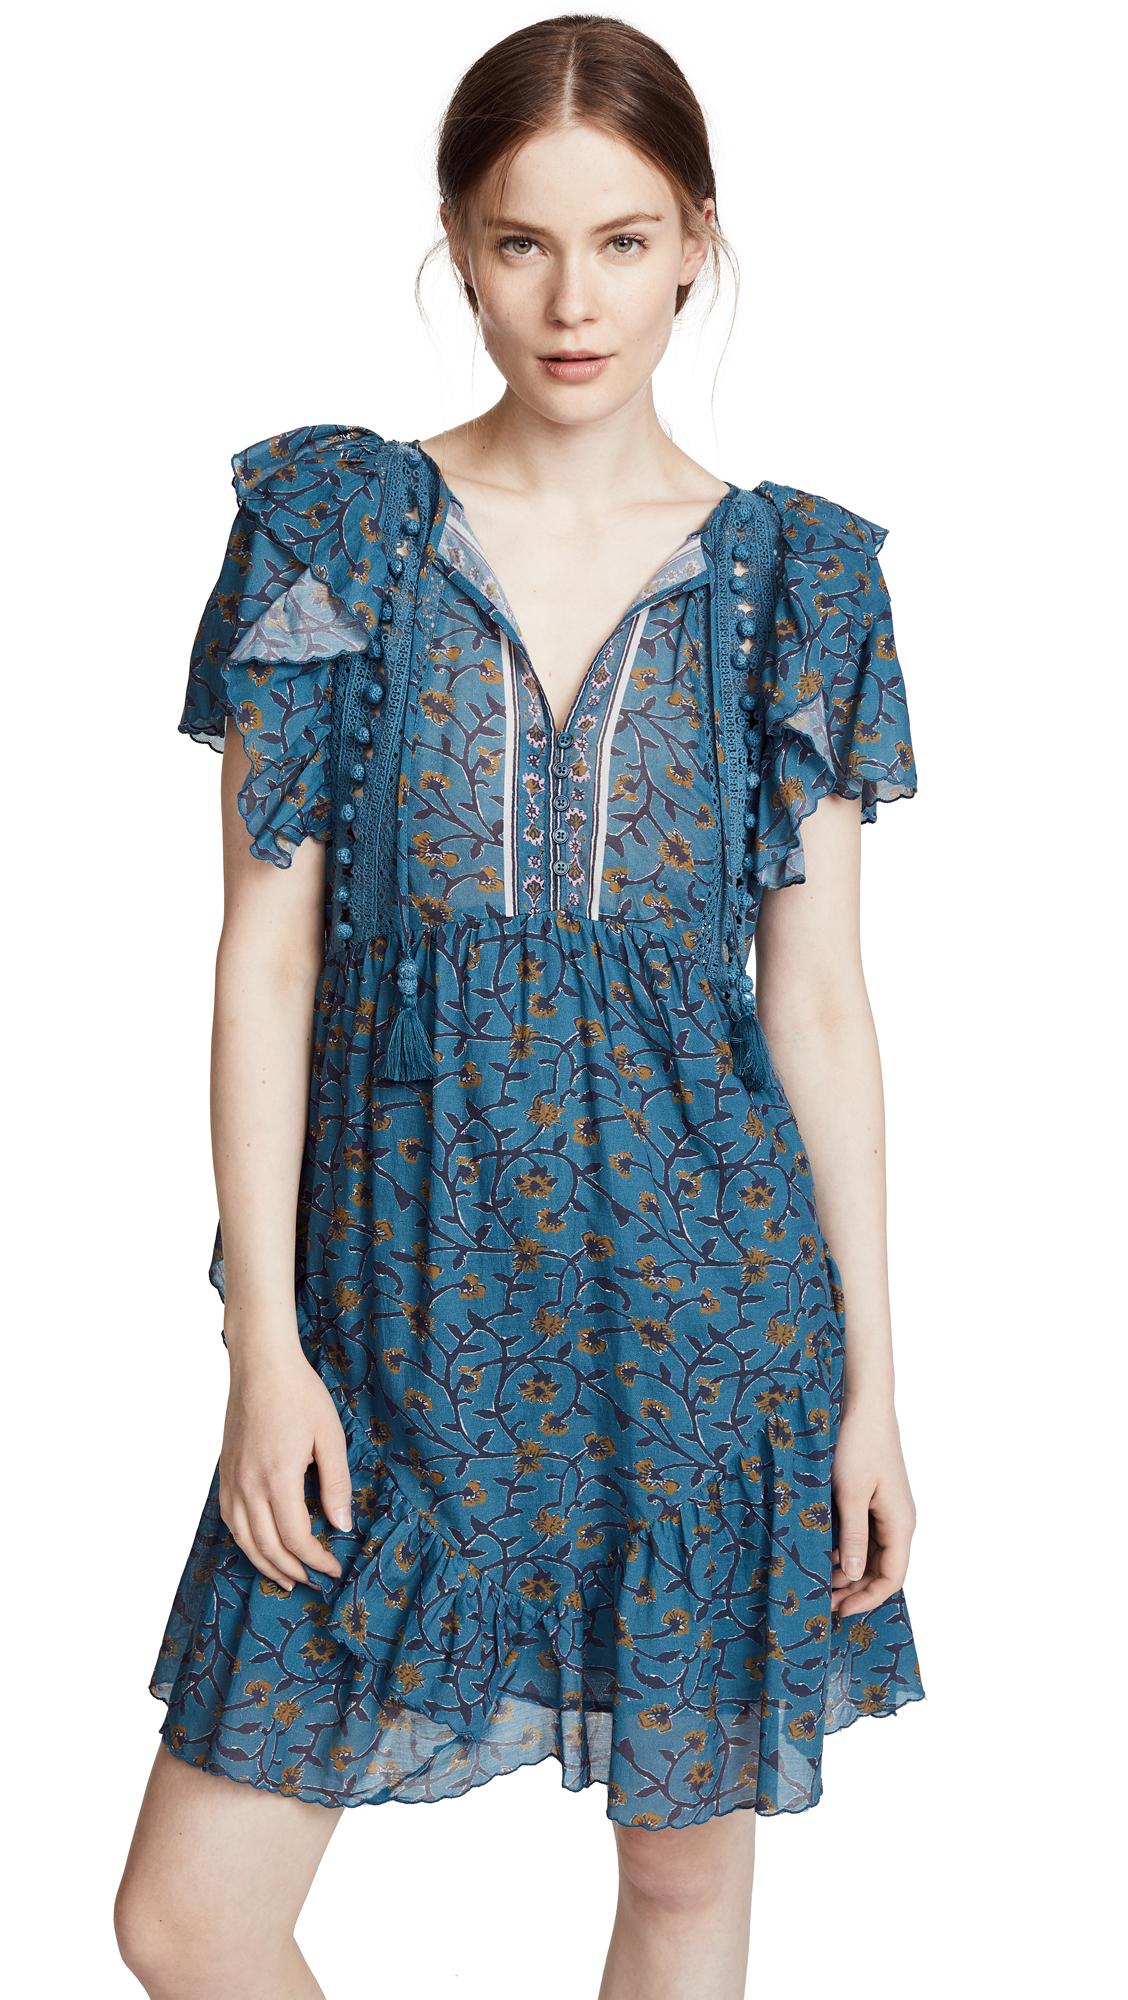 Sea Kaylee Printed Dress In Steel Blue